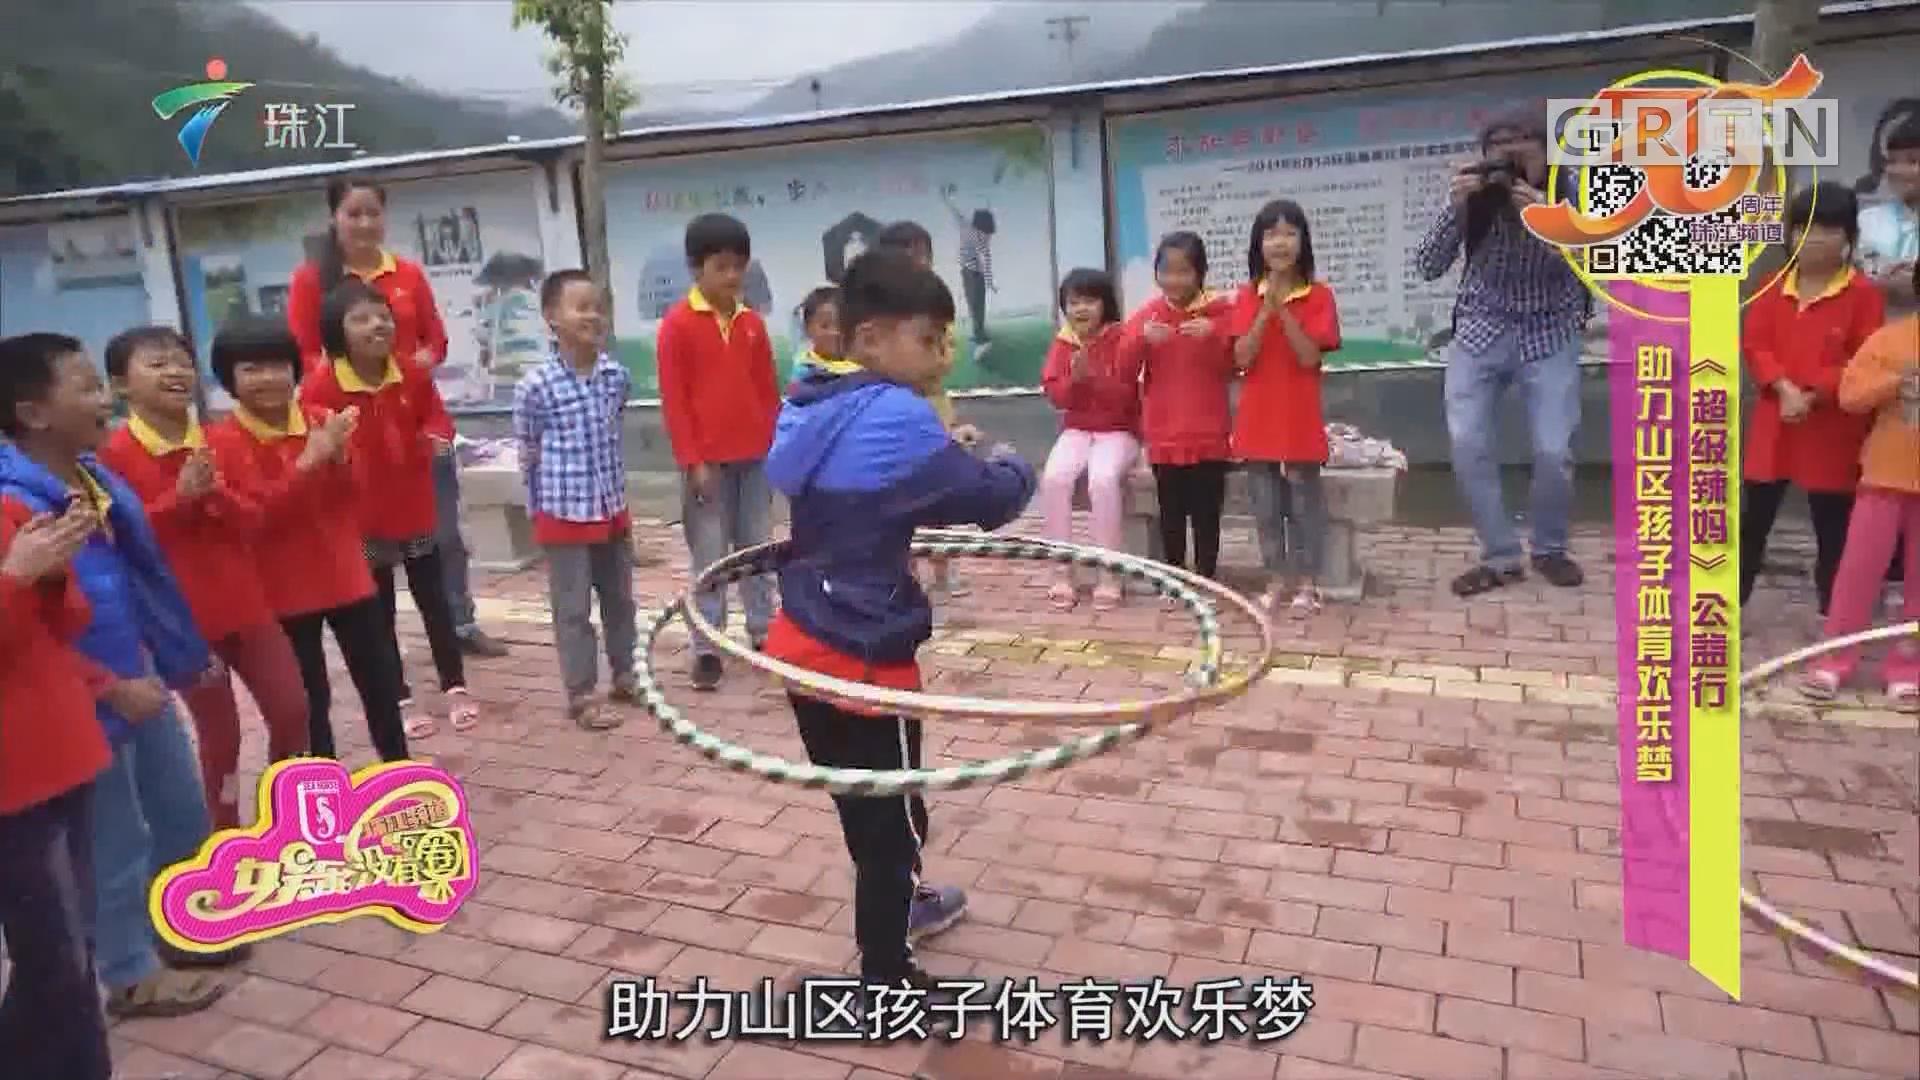 《超级辣妈》公益行 助力山区孩子体育欢乐梦